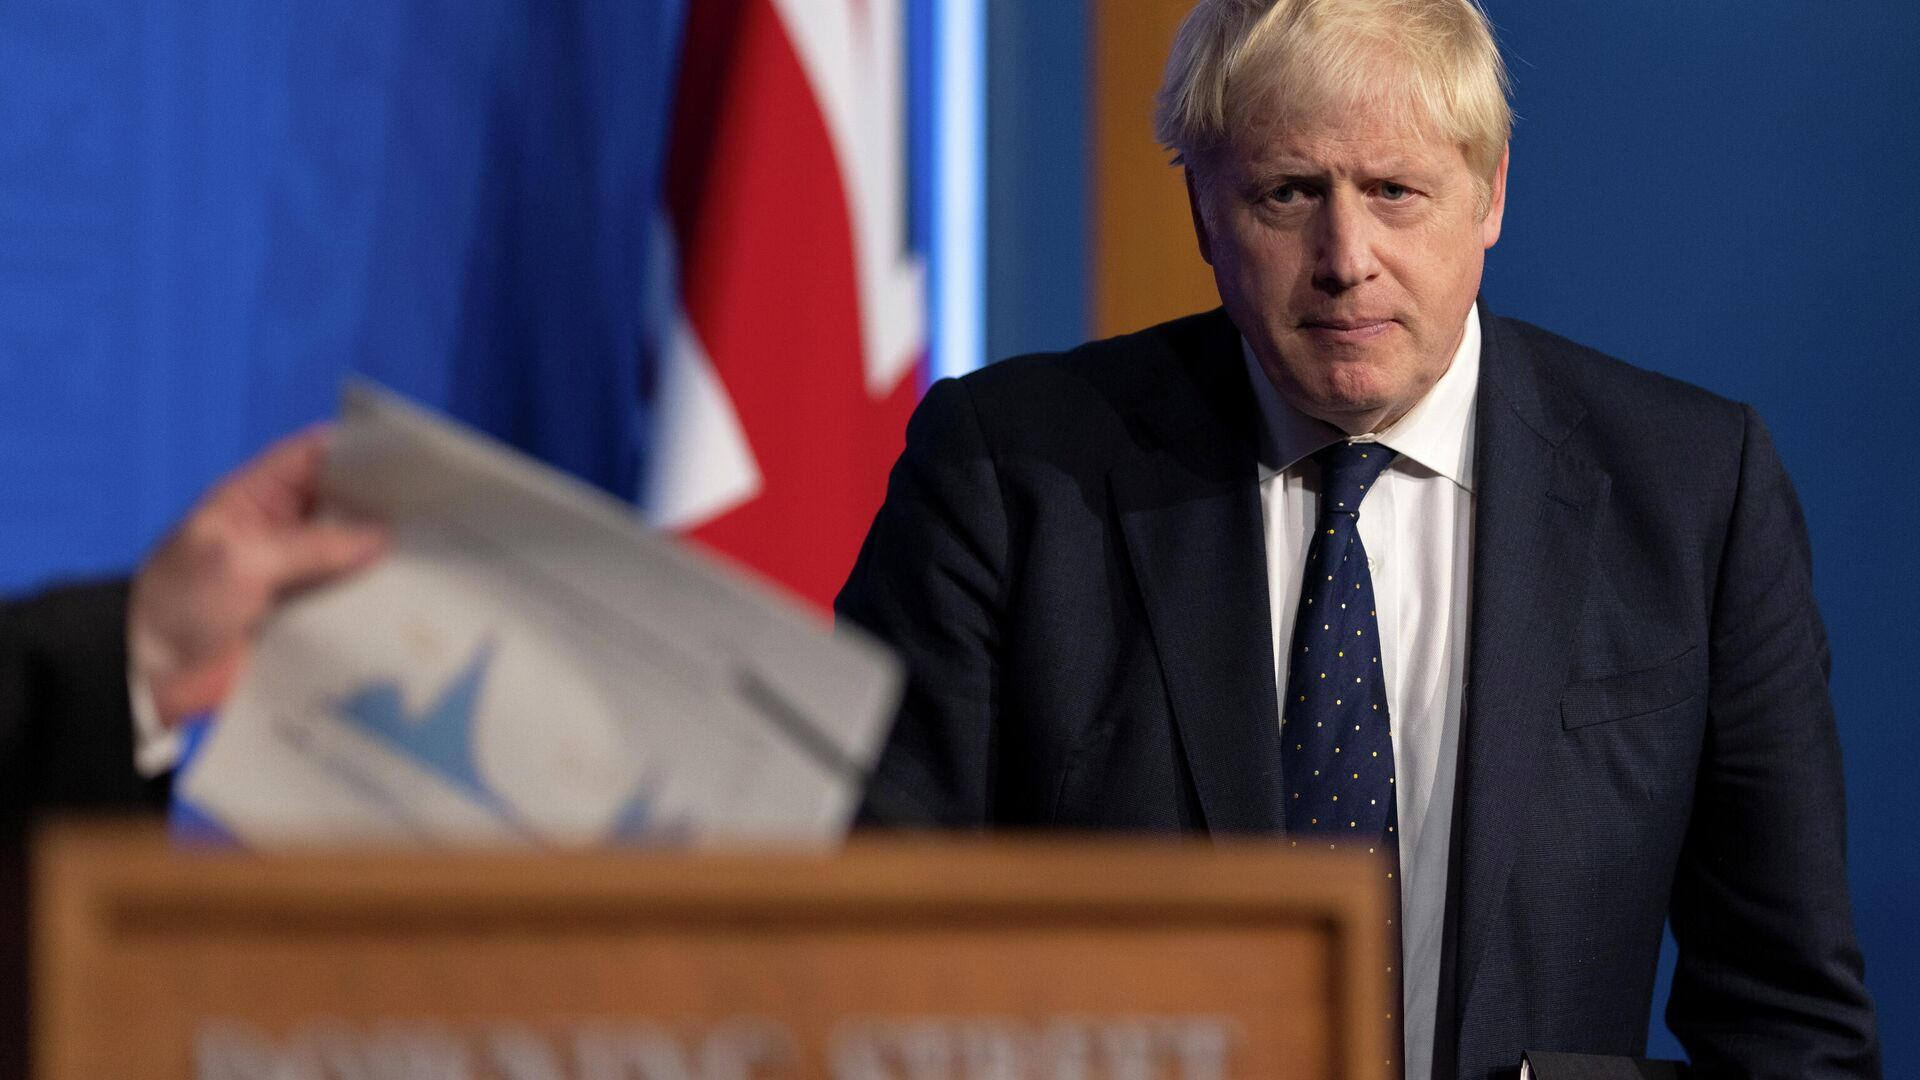 Der britische Premierminister Boris Johnson gibt ein Briefing. London, 14. September 2021 - SNA, 1920, 15.09.2021